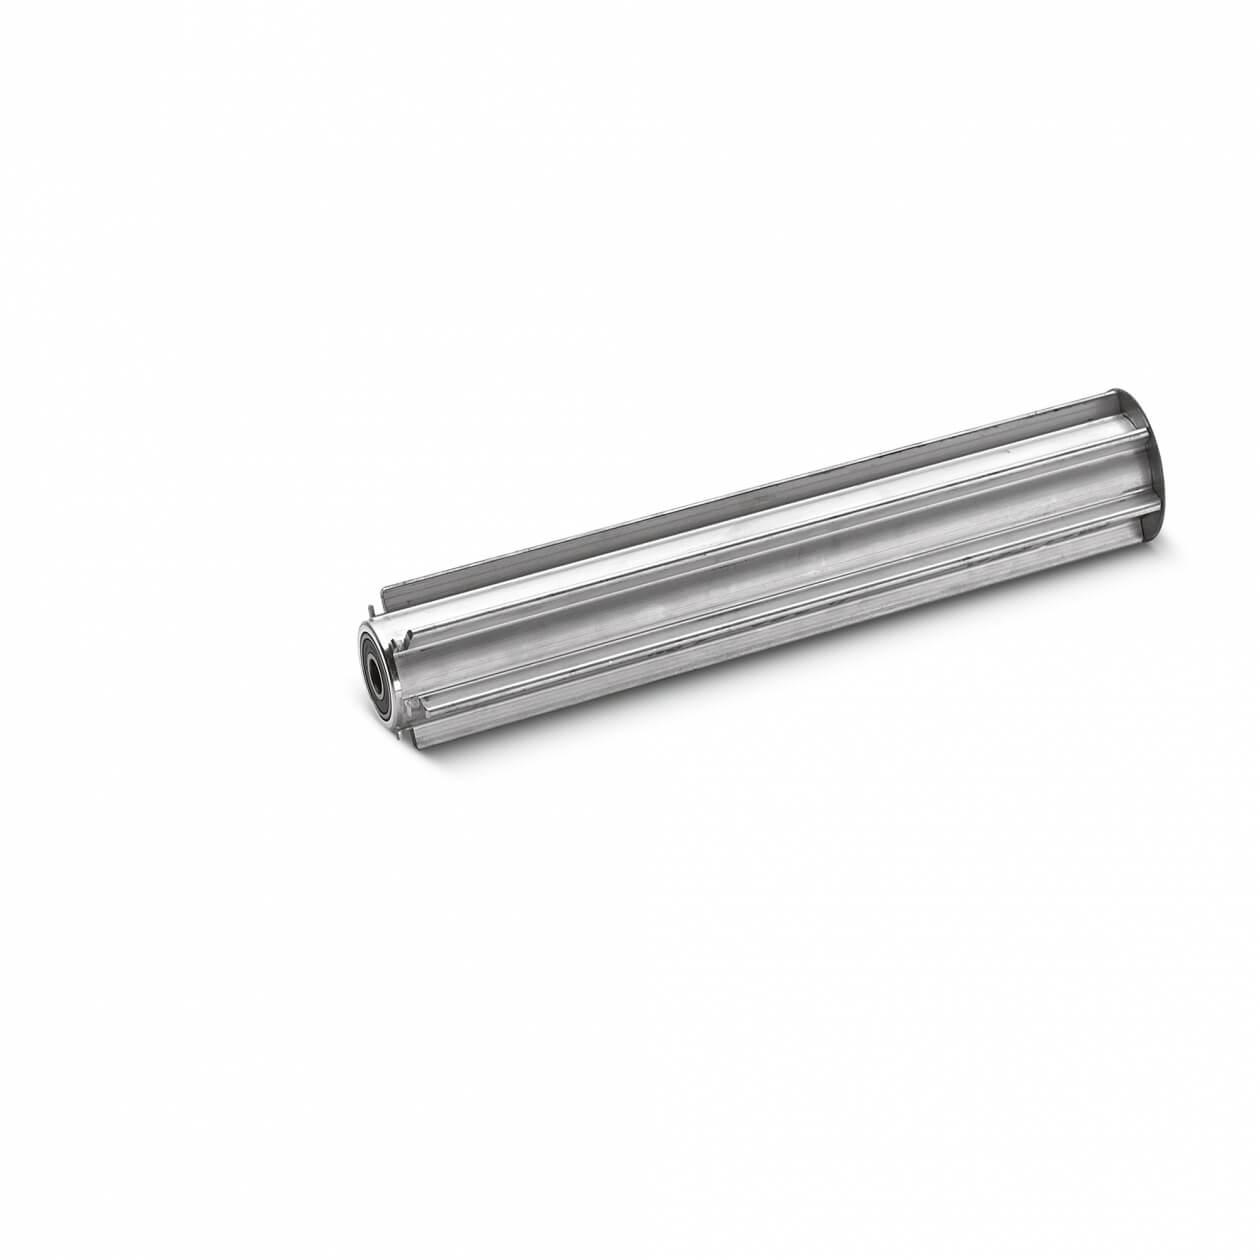 Kärcher, Roll Pad, padvalseaksel i aluminium til BR 40/25 C mf.